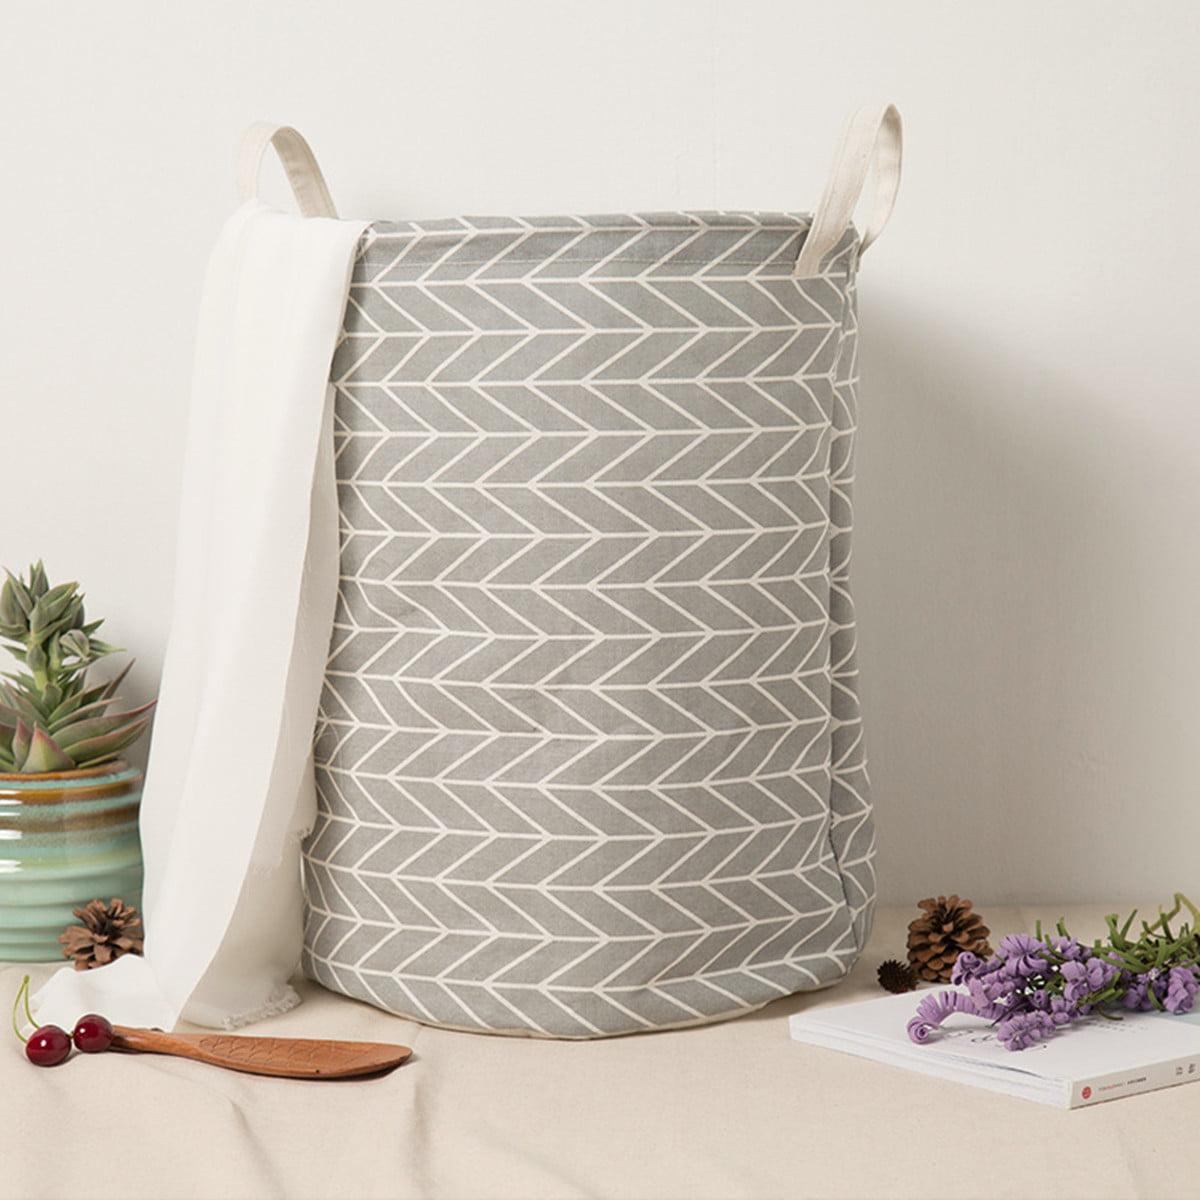 Laundry Bag Basket Foldable Hamper Dirty Cloths Toy Storage Organizer Hamper Bin Bag Basket Cotton Linen